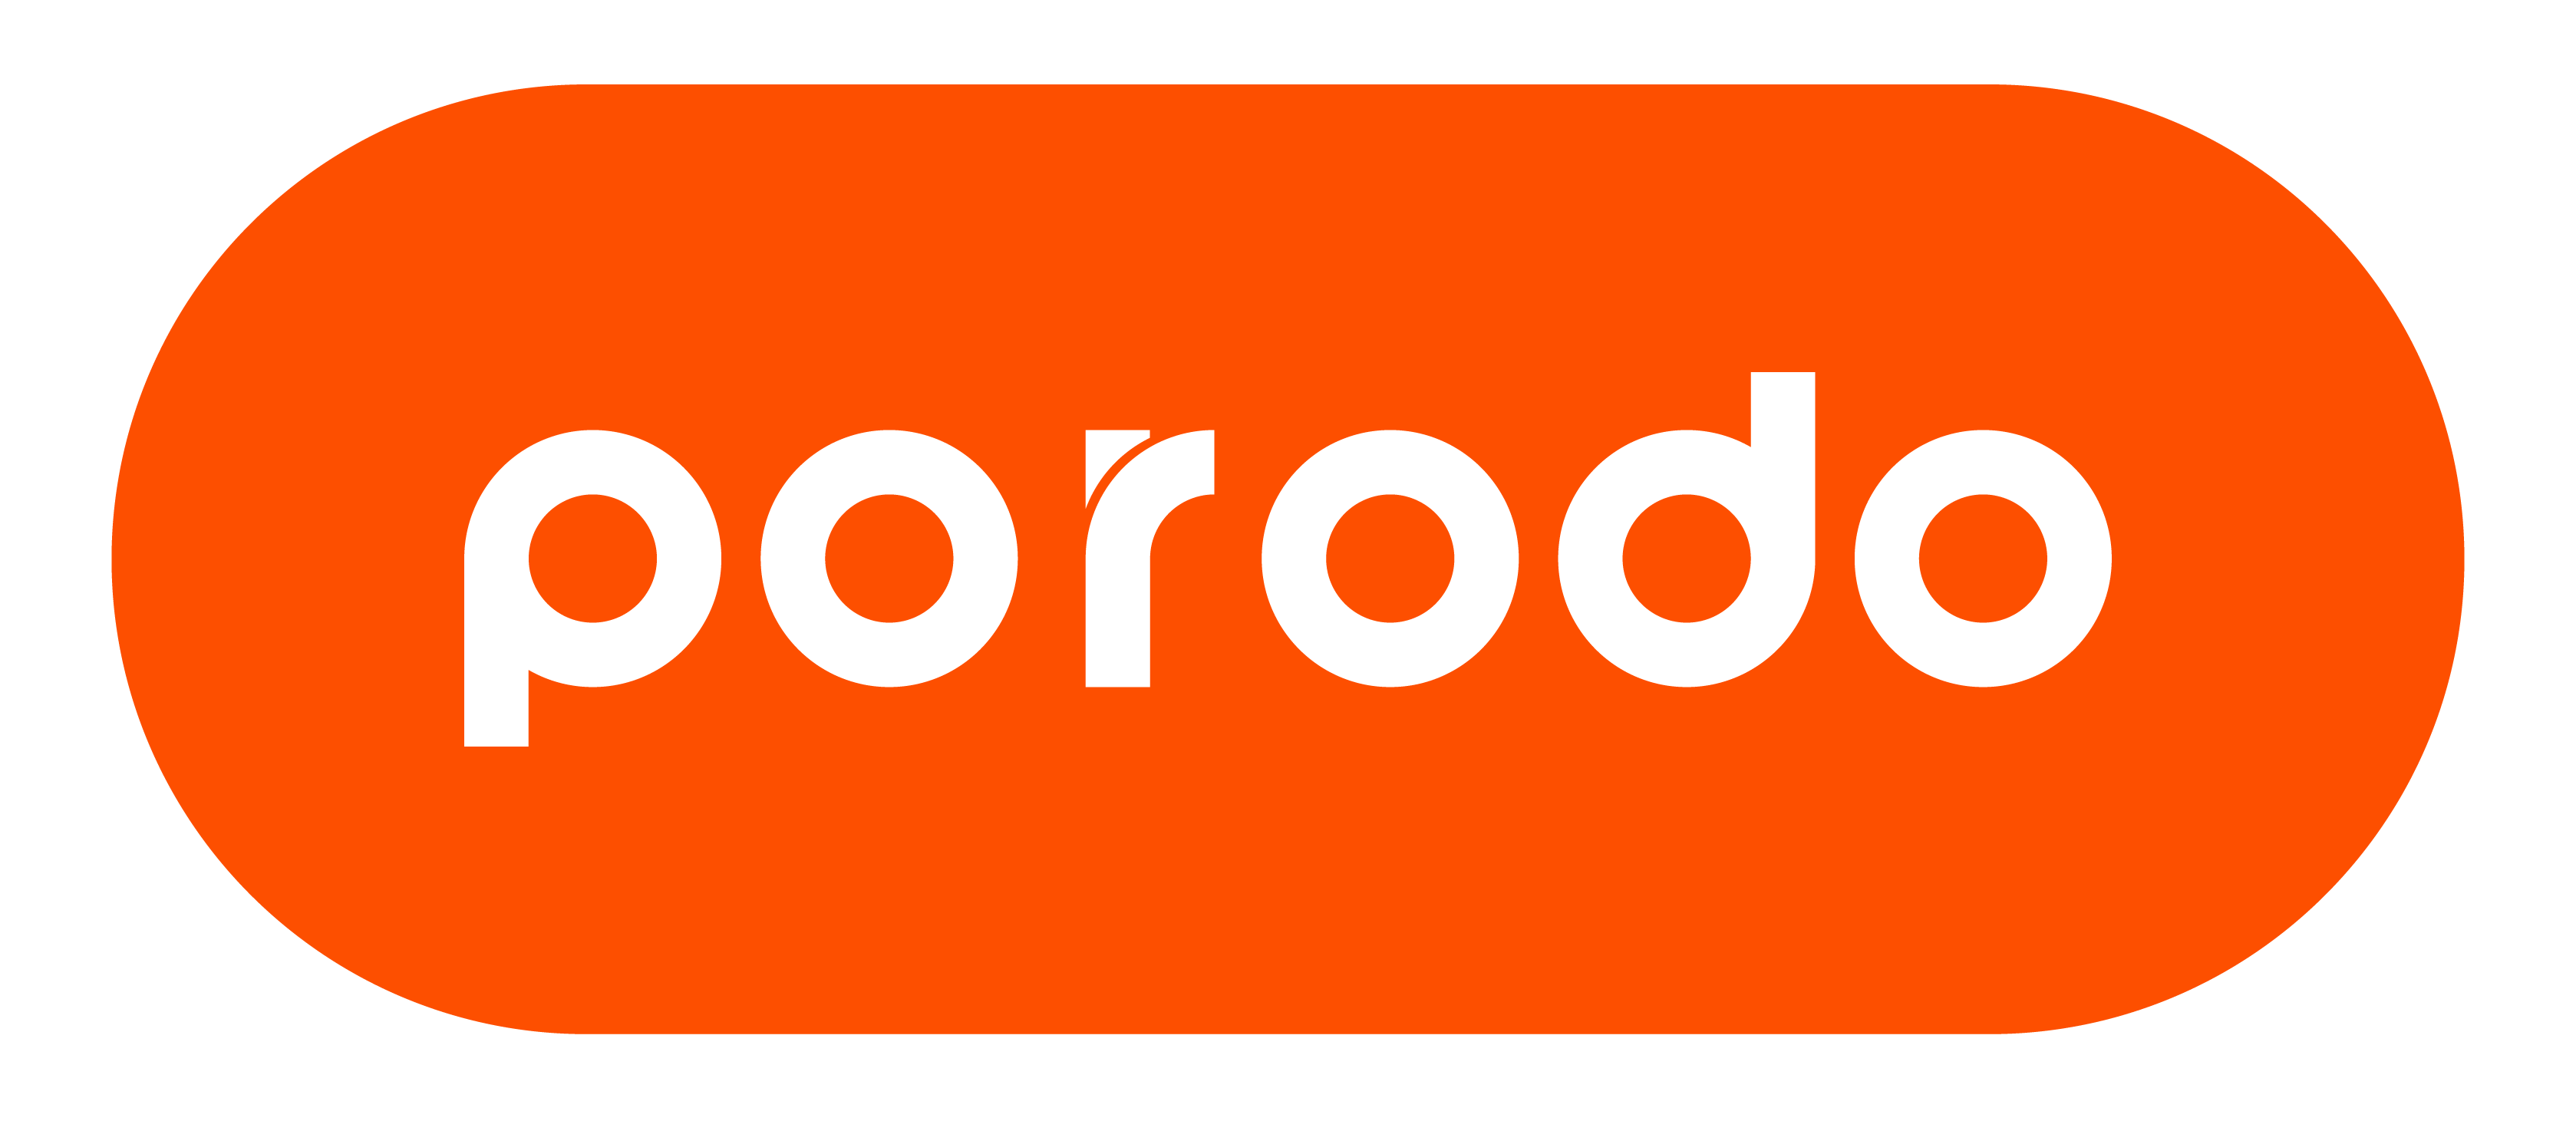 بورودو